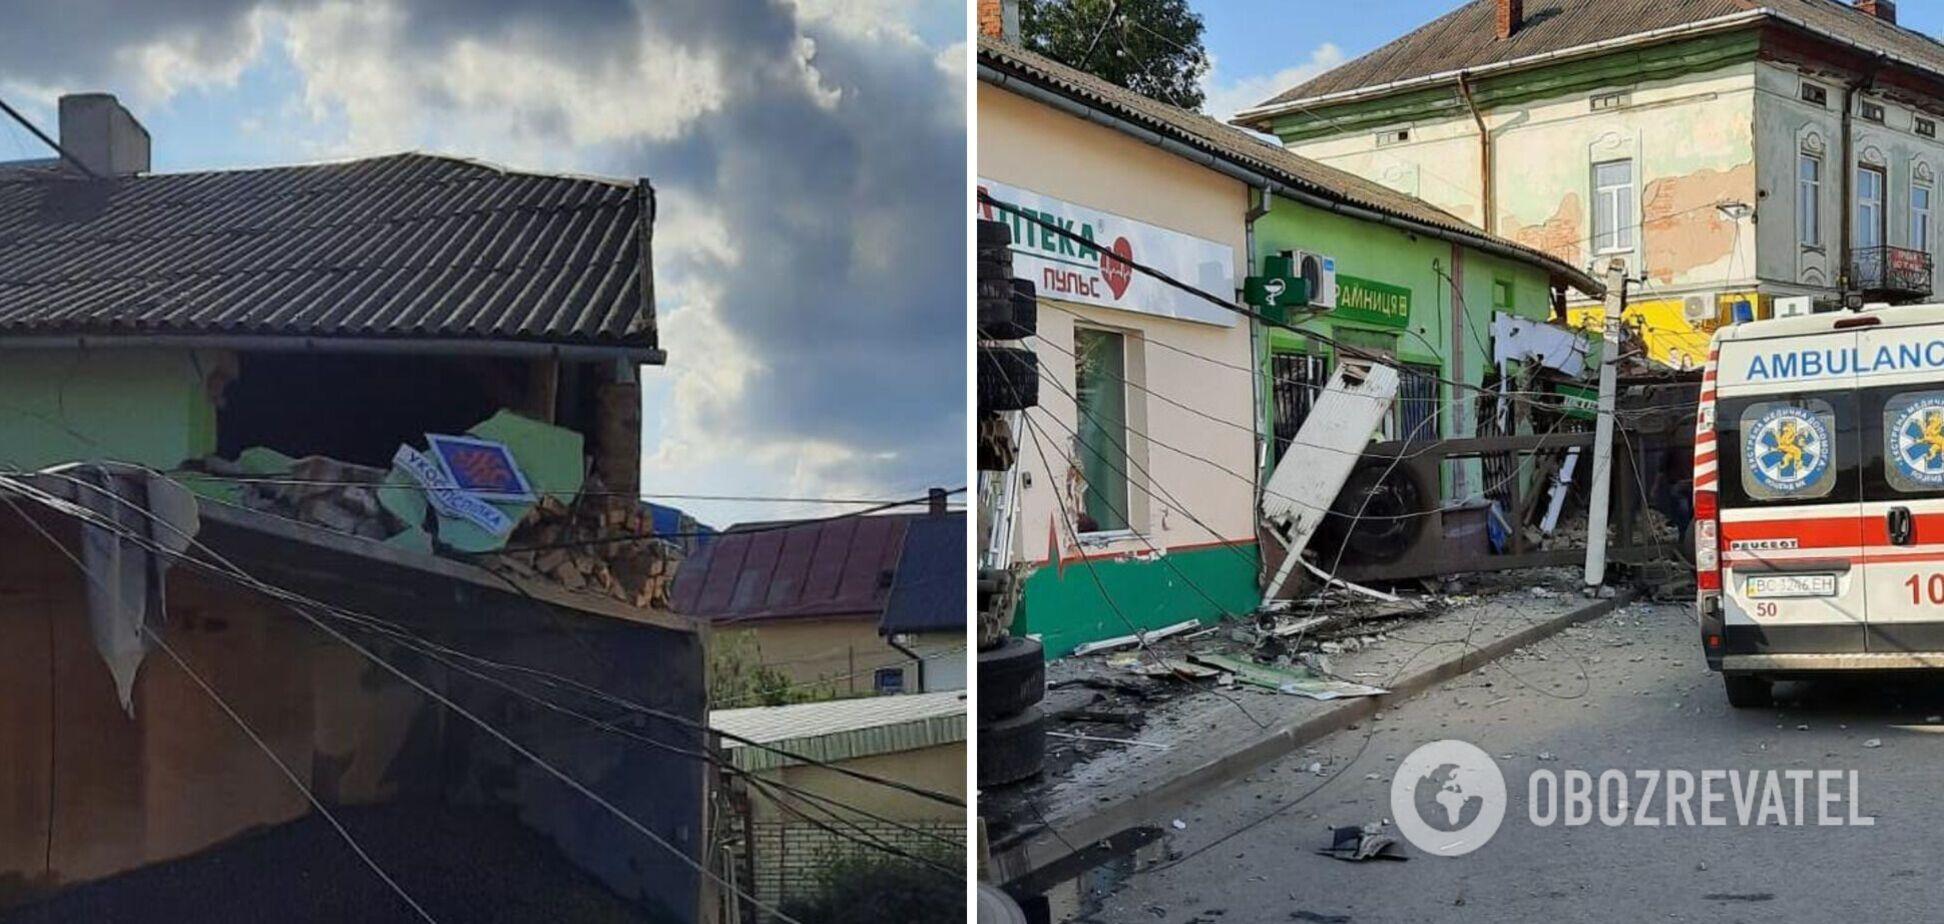 На Львовщине фура влетела в магазин: три человека погибли и двое пострадали. Фото и видео